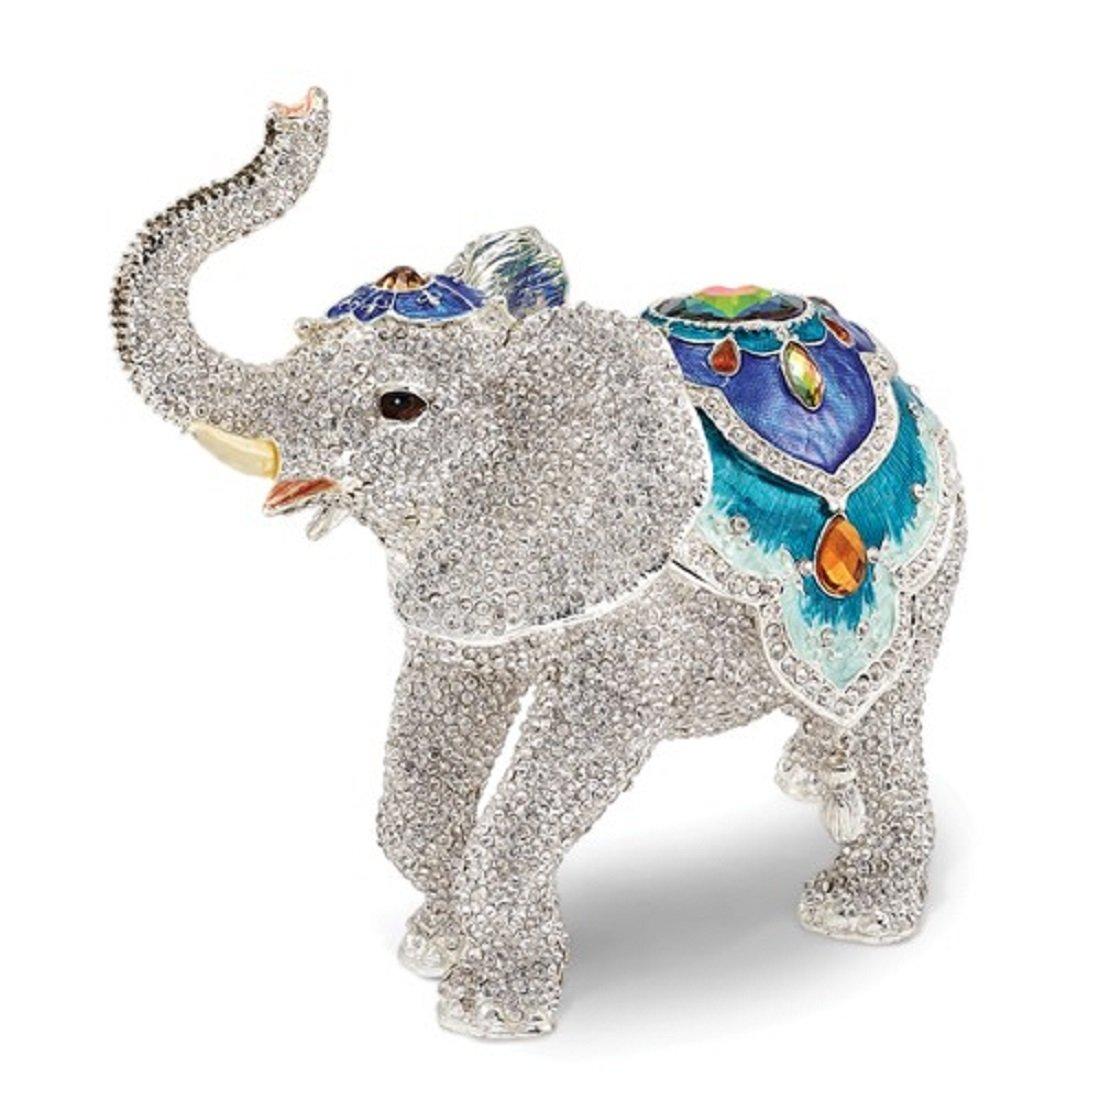 Roxx Fine Jewelry Crystal Elephant Jeweled Trinket Box 8'' x 4.5'' & Necklace